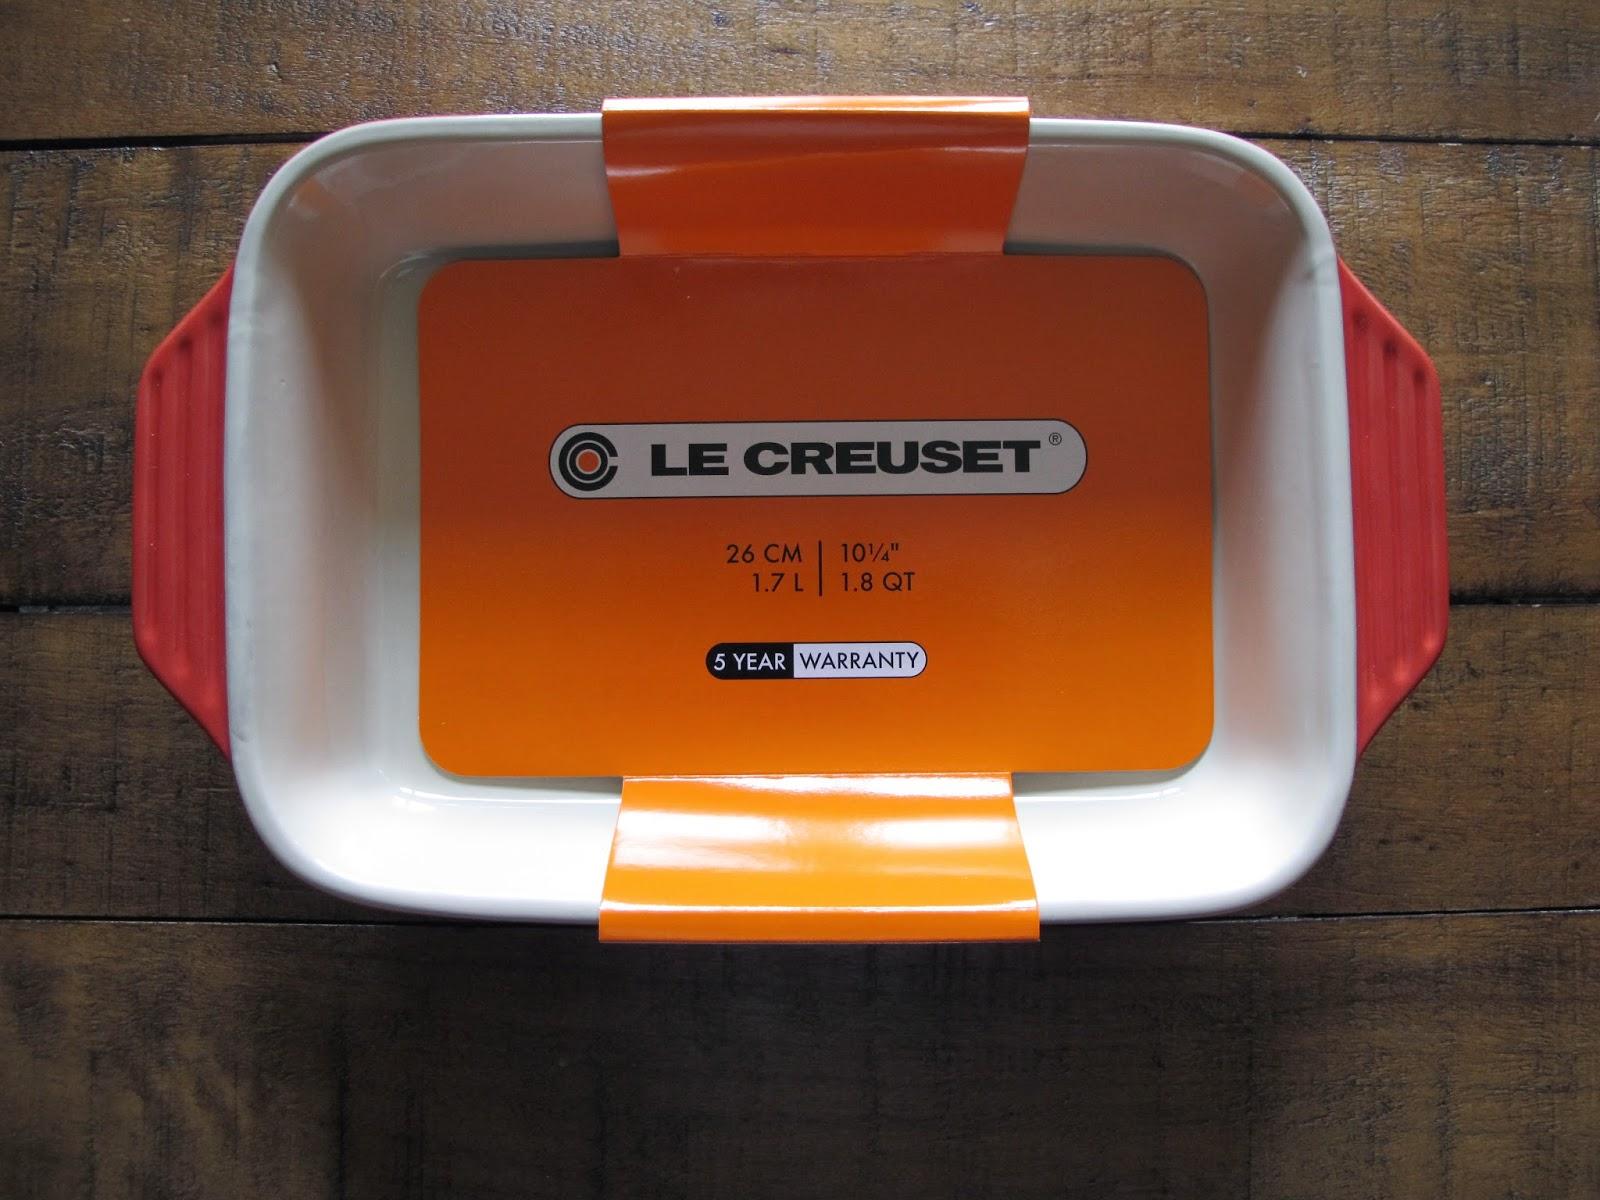 I LOVE Le Creuset